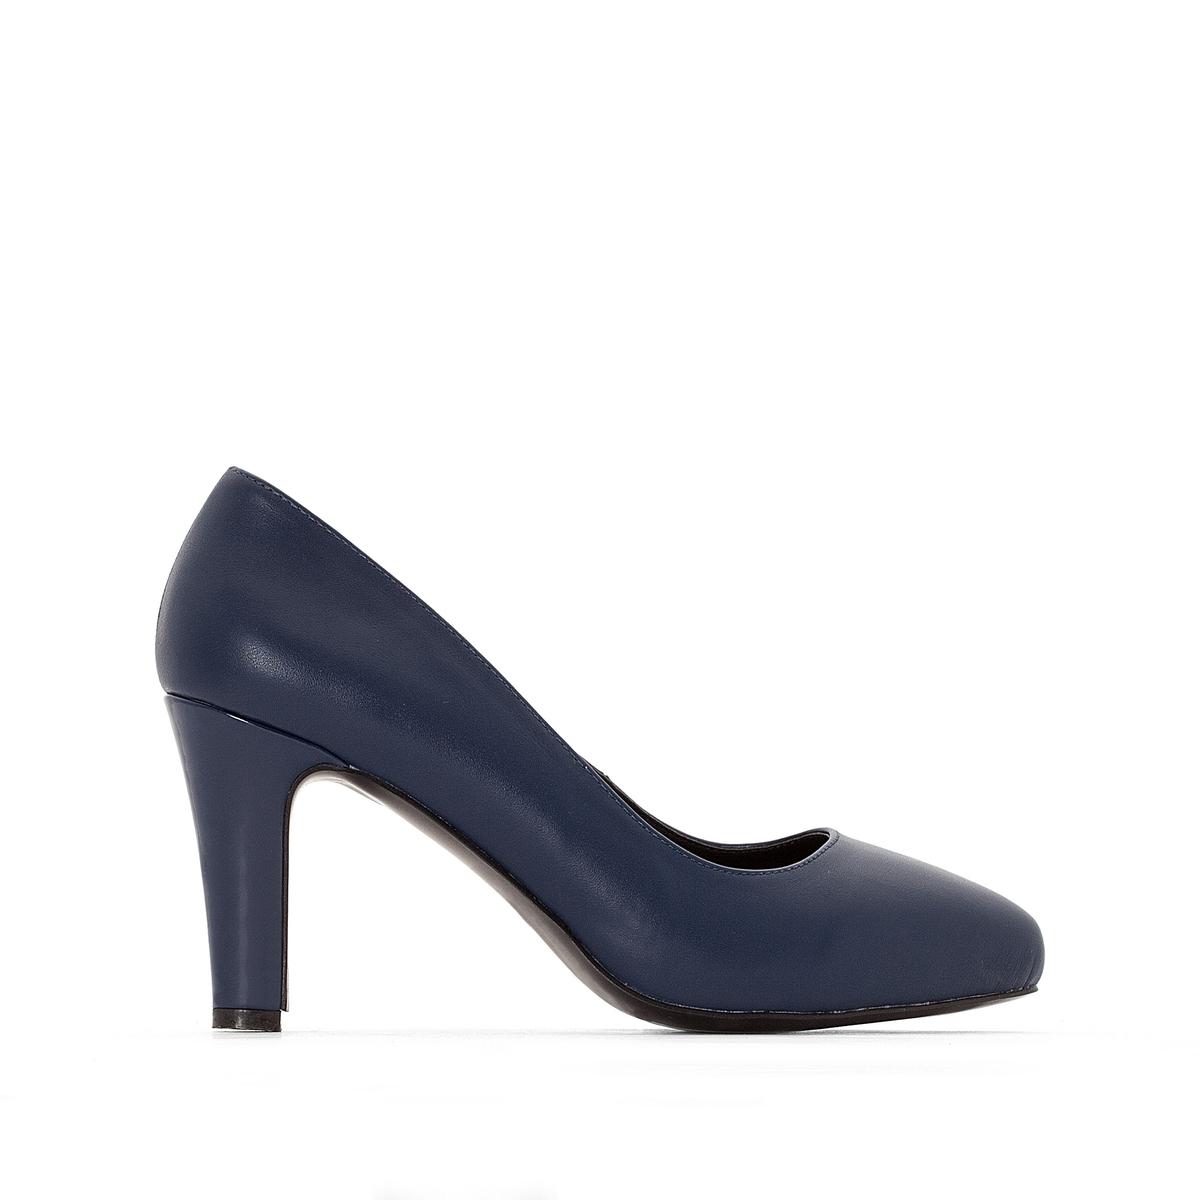 цена на Туфли кожаные на платформе, подходят для широкой стопы, размеры 38-45